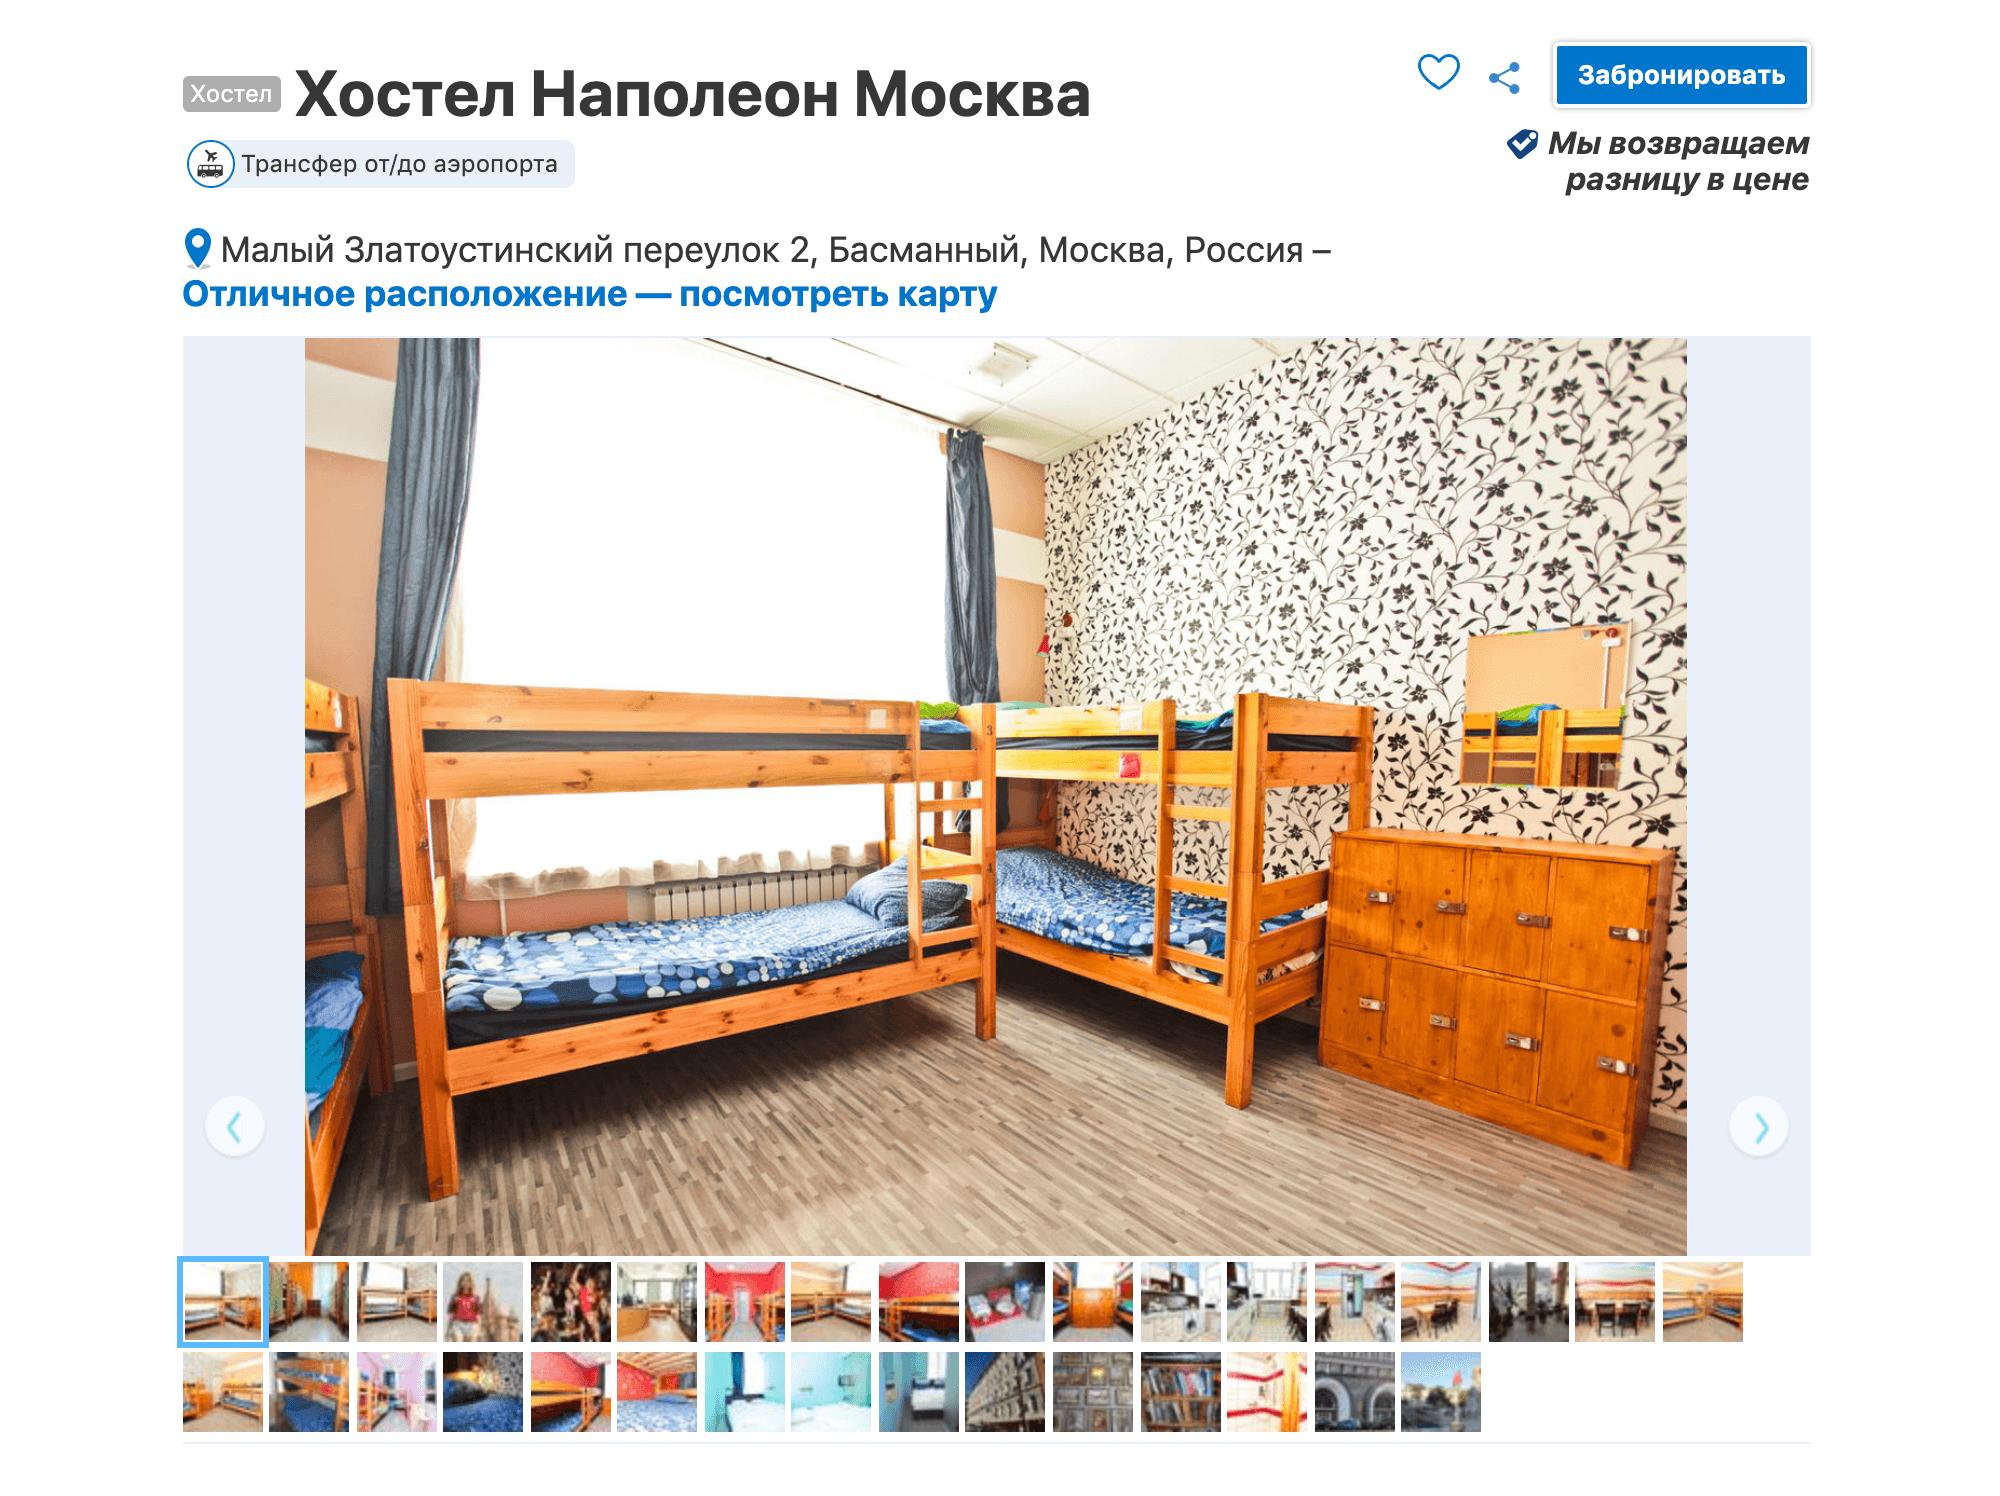 Мой первый хостел. Я спала на верхней кровати справа, белье и полотенце долго не давали, просила раз шесть